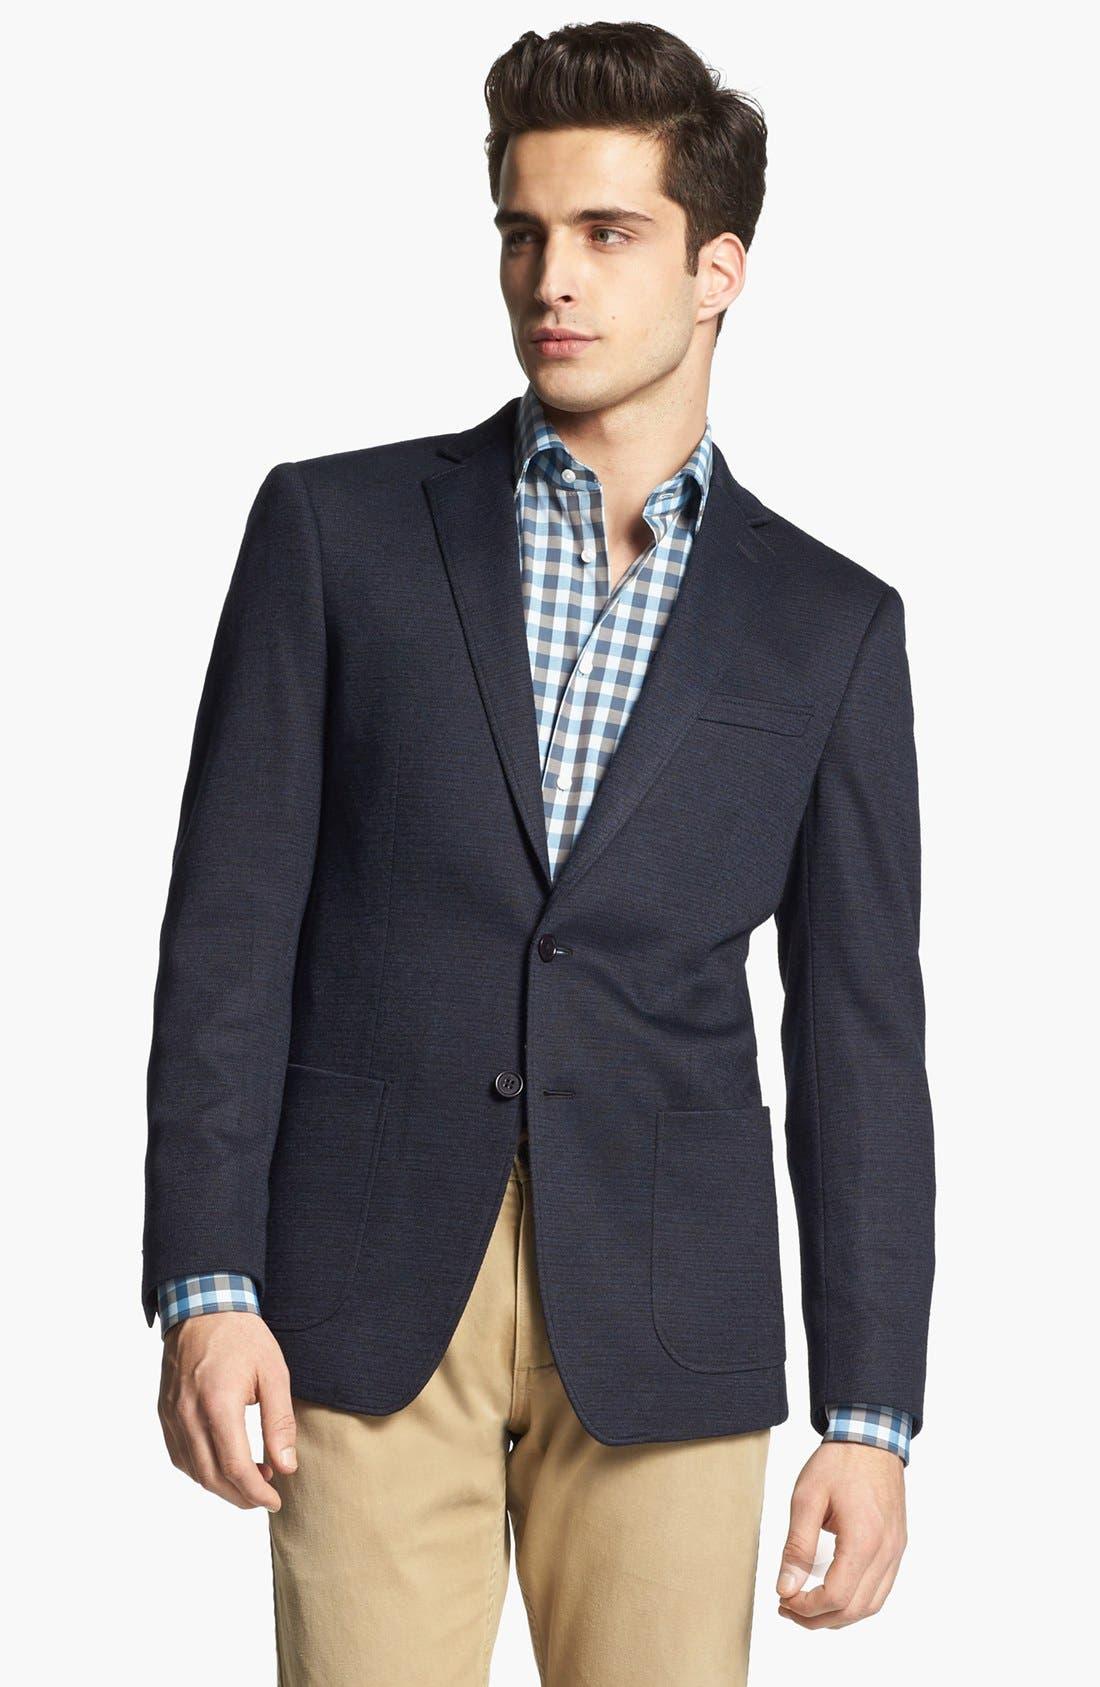 JOHN VARVATOS STAR USA, 'Fagan' Trim Fit Knit Sportcoat, Main thumbnail 1, color, 410